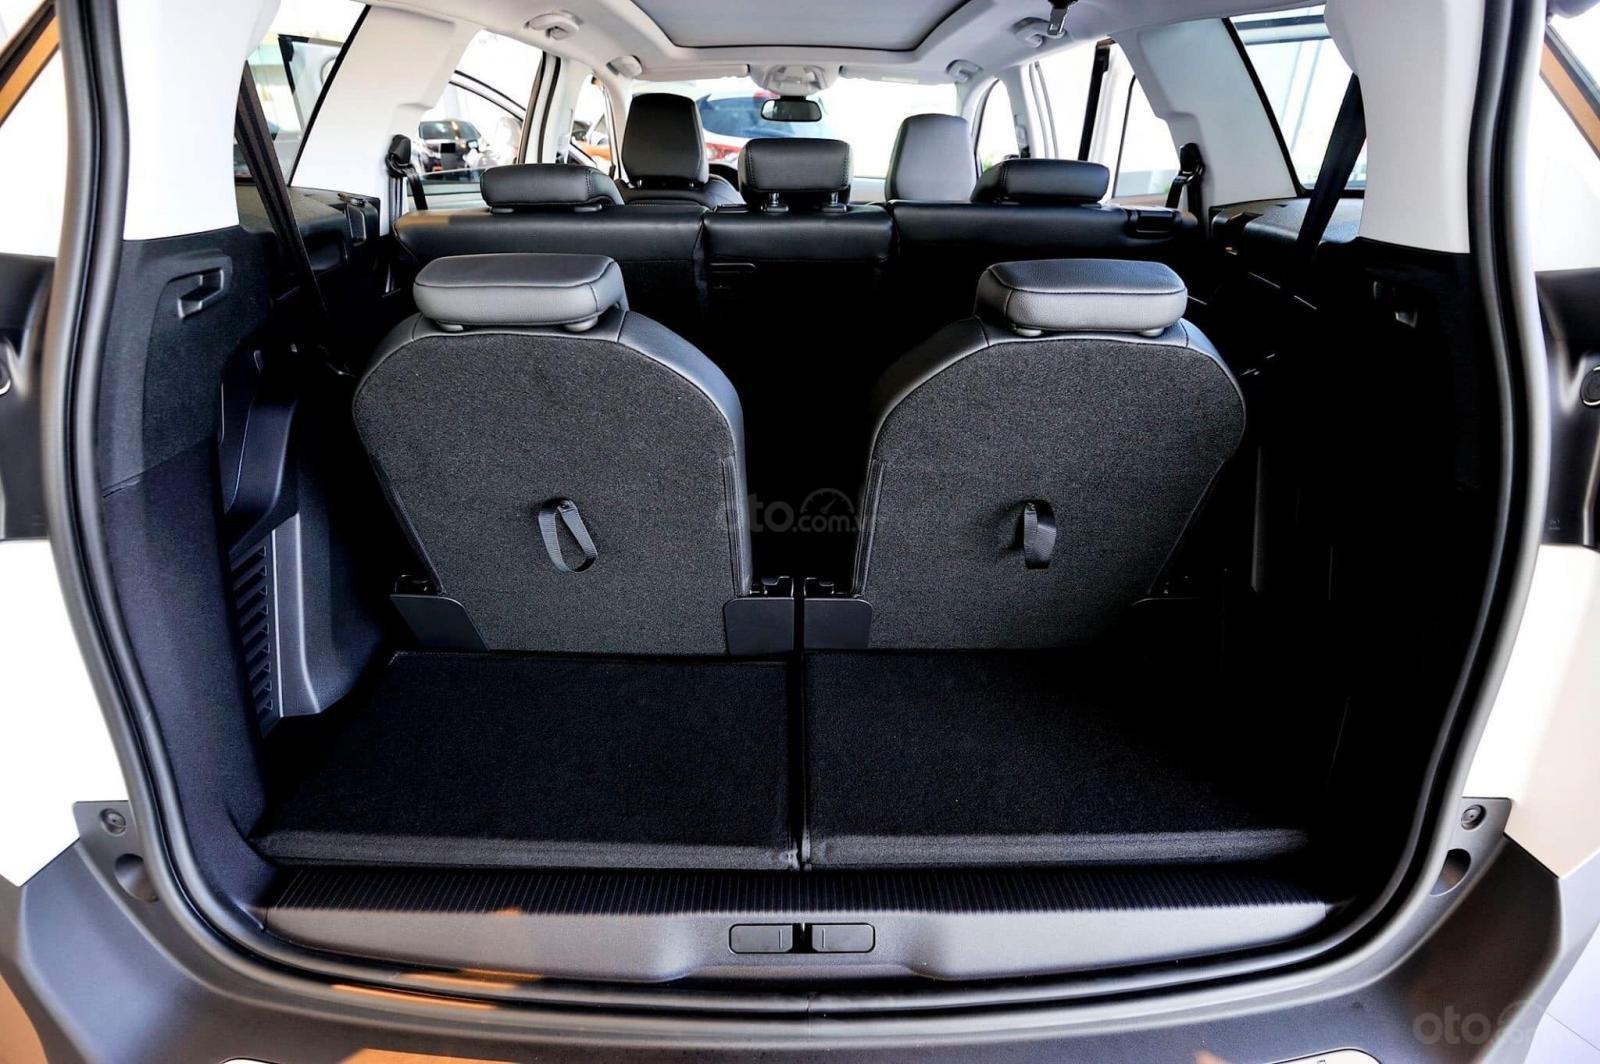 Peugeot Bình Dương bán 5008 2019 - giao xe ngay - ưu đãi tốt - 0938.901.869 (5)